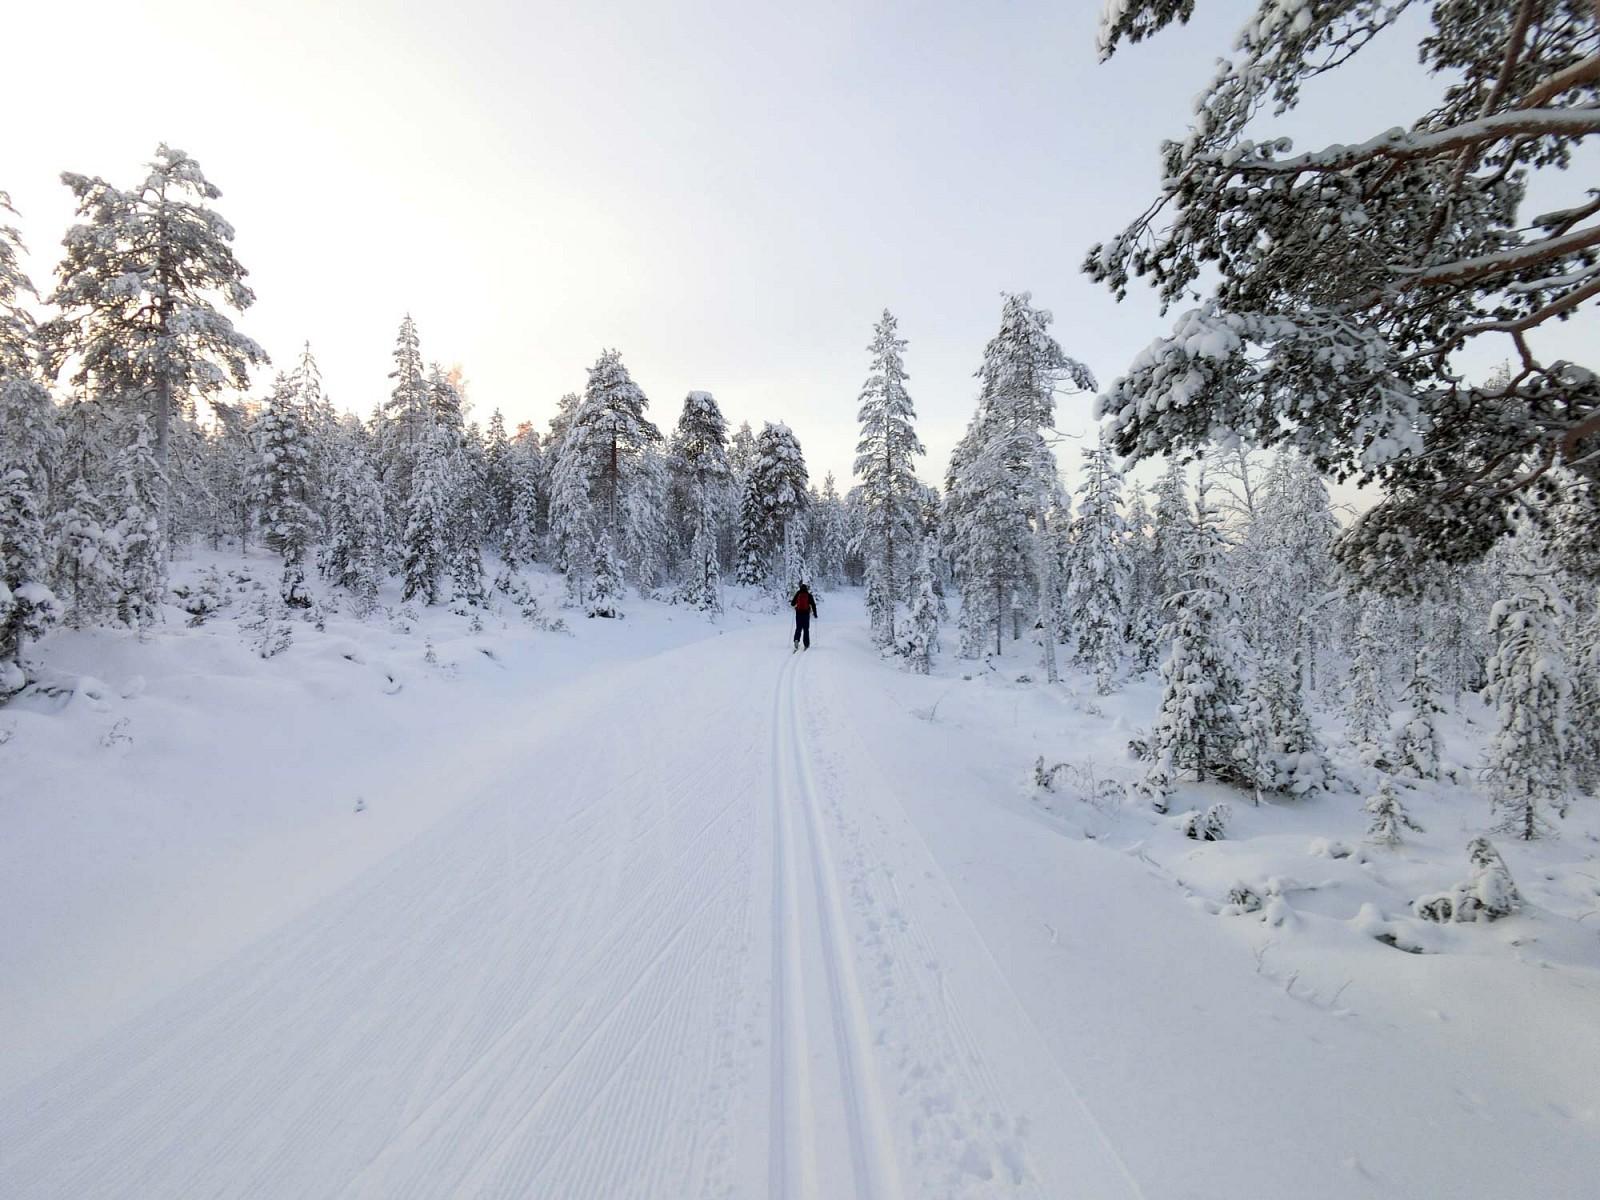 pAm-kaumlltesten-Tag-wagt-Hanna-sich-bei-unter--20degCnbspauf-die-duumlnnen-Skier-doch-beim-Langlauf-in-der-Loipe-wird-es-dann-ziemlich-schnell-warm-und-so-wirdnbspdie-einsame-Gegend-rund-um-das-Skigebiet-Ruka-erkundetp